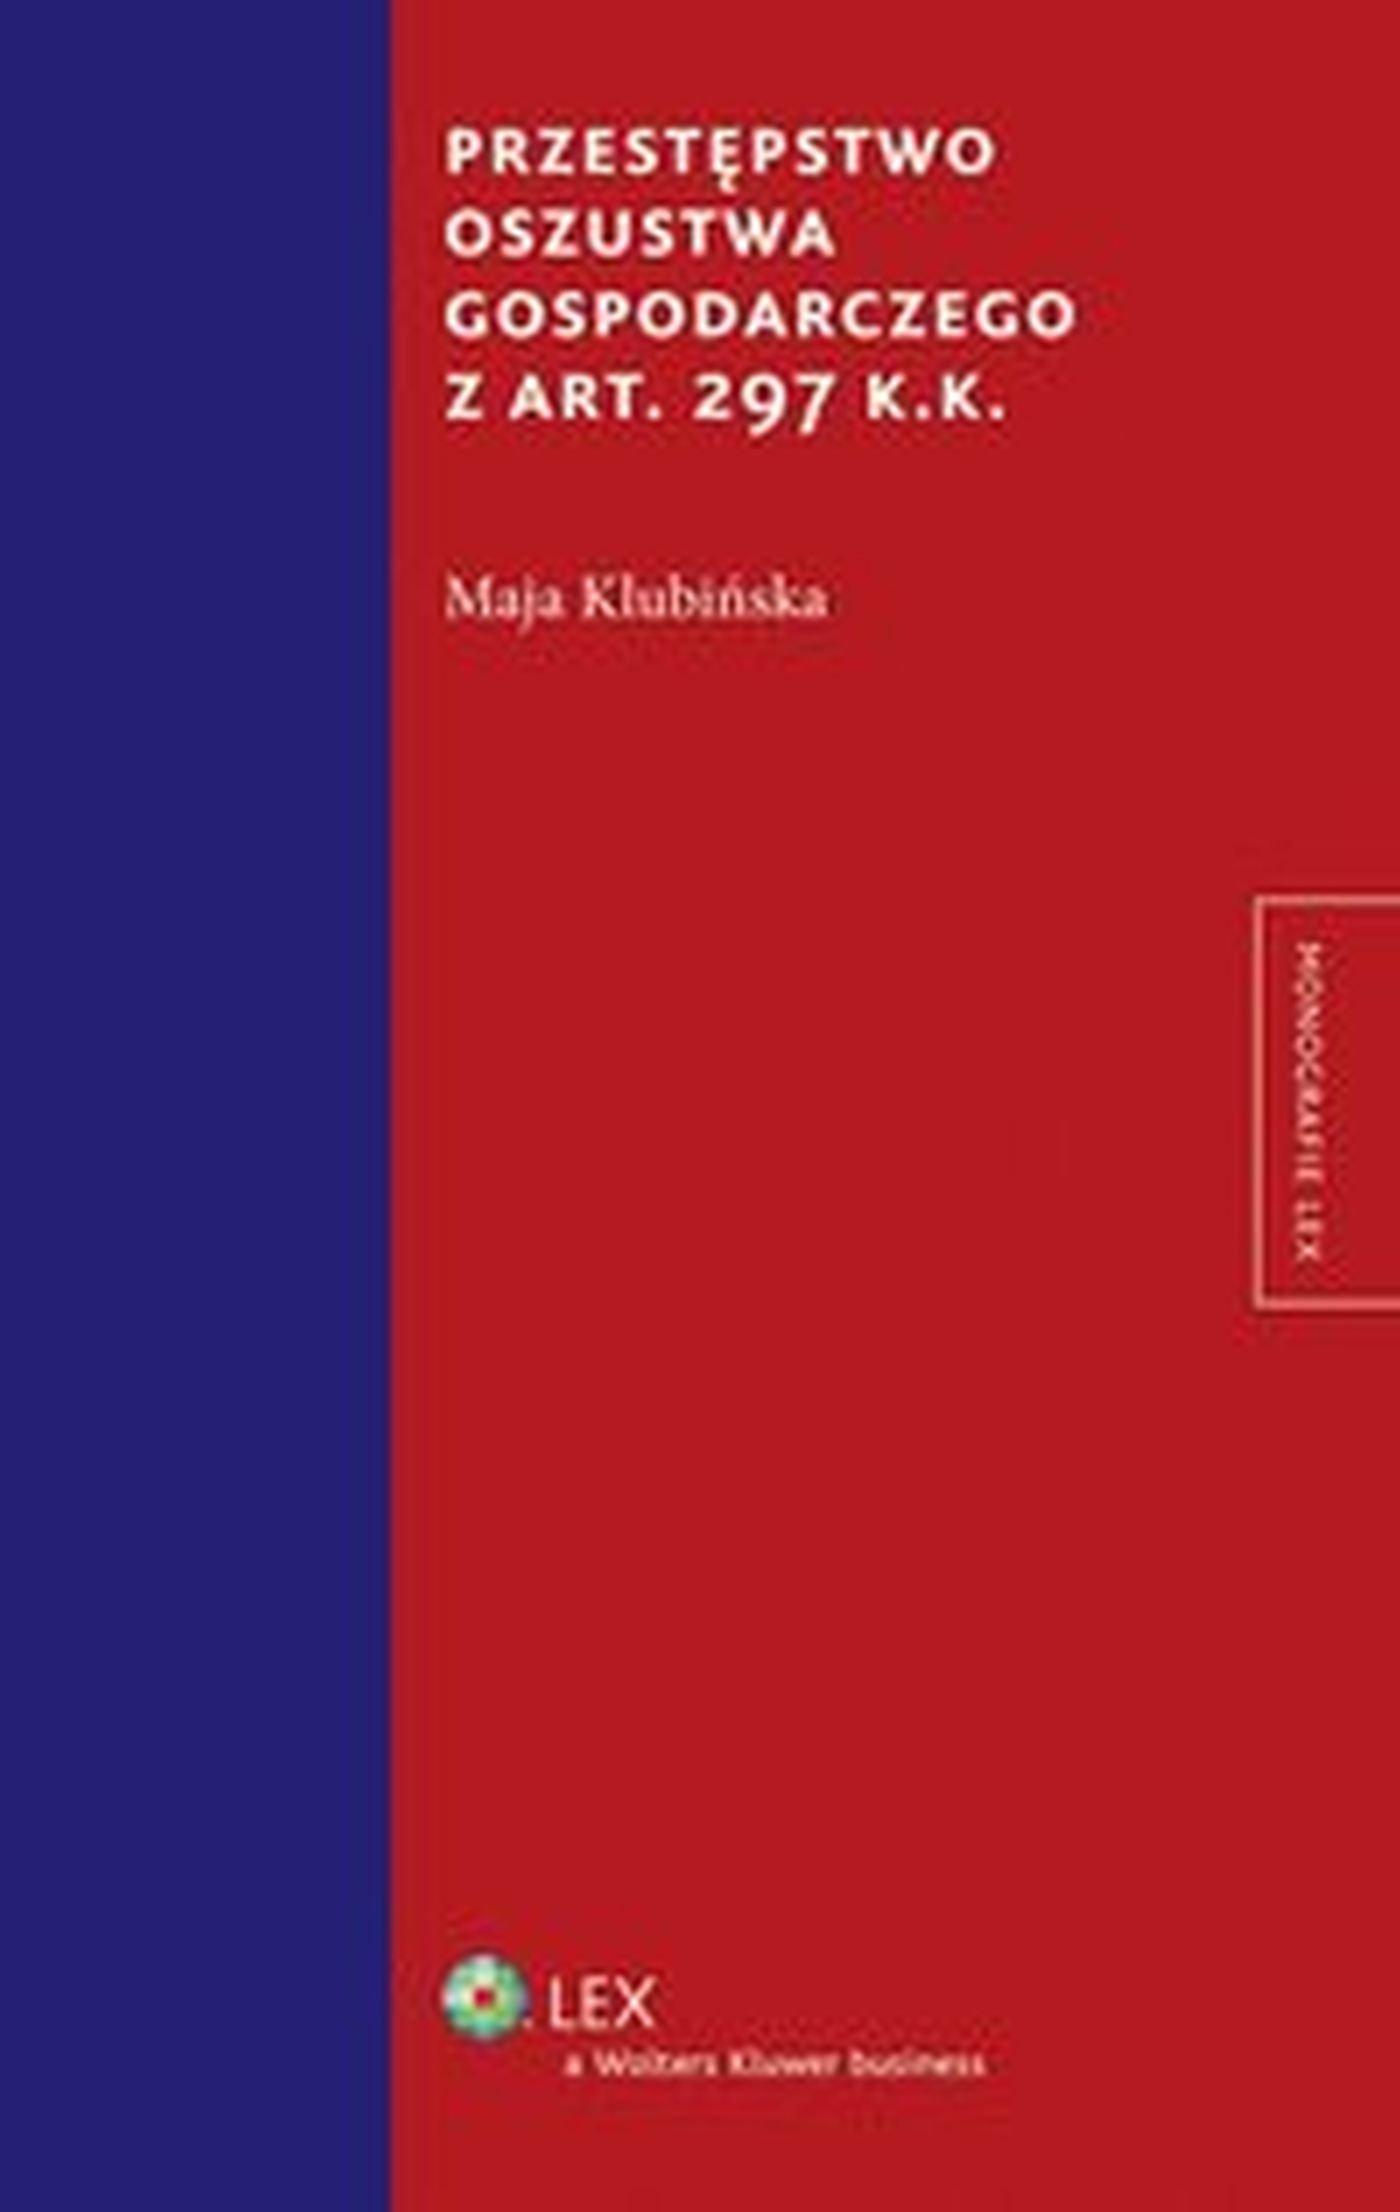 Przestępstwo oszustwa gospodarczego z art. 297 k.k. - Ebook (Książka EPUB) do pobrania w formacie EPUB